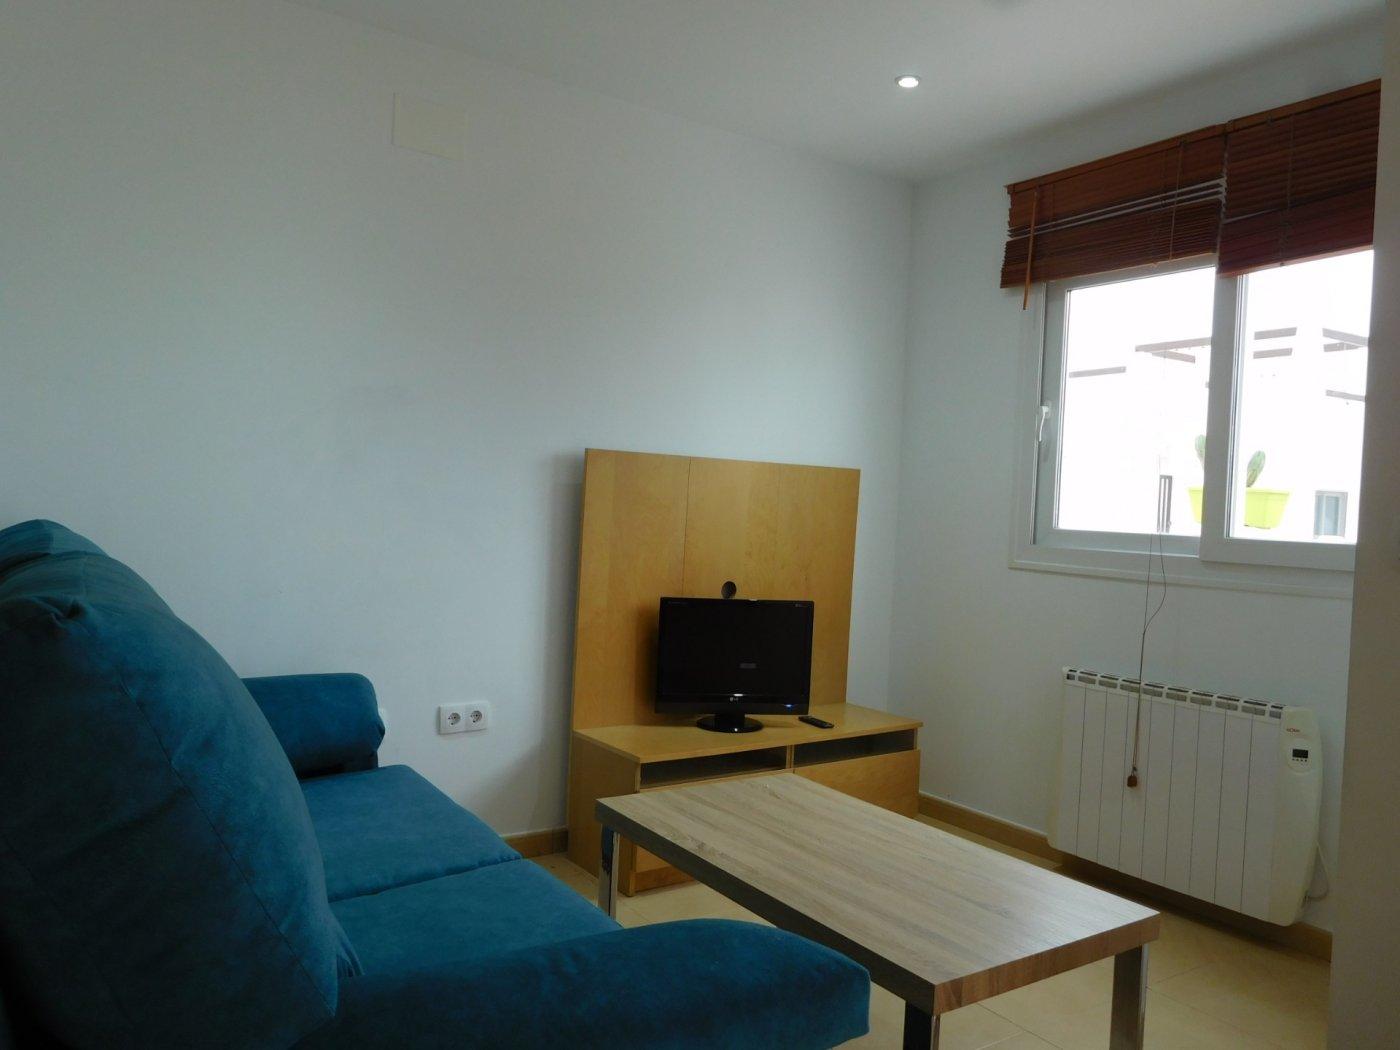 Image 5 Apartment ref 3265-2371 for rent in Condado De Alhama Spain - Quality Homes Costa Cálida